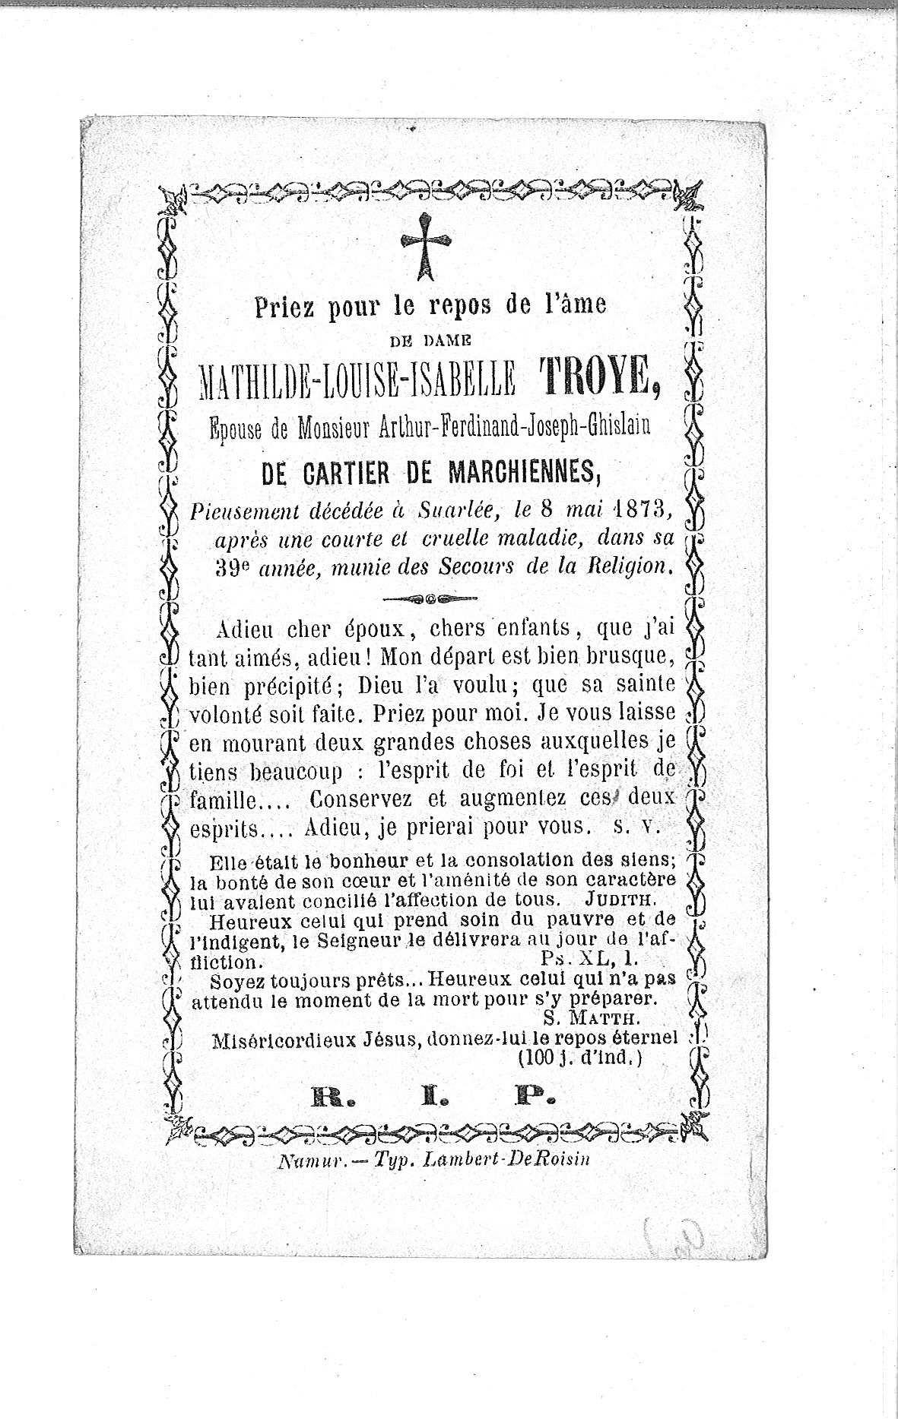 Mathilde-Louise-Isabelle(1873)20120621134457_00126.jpg